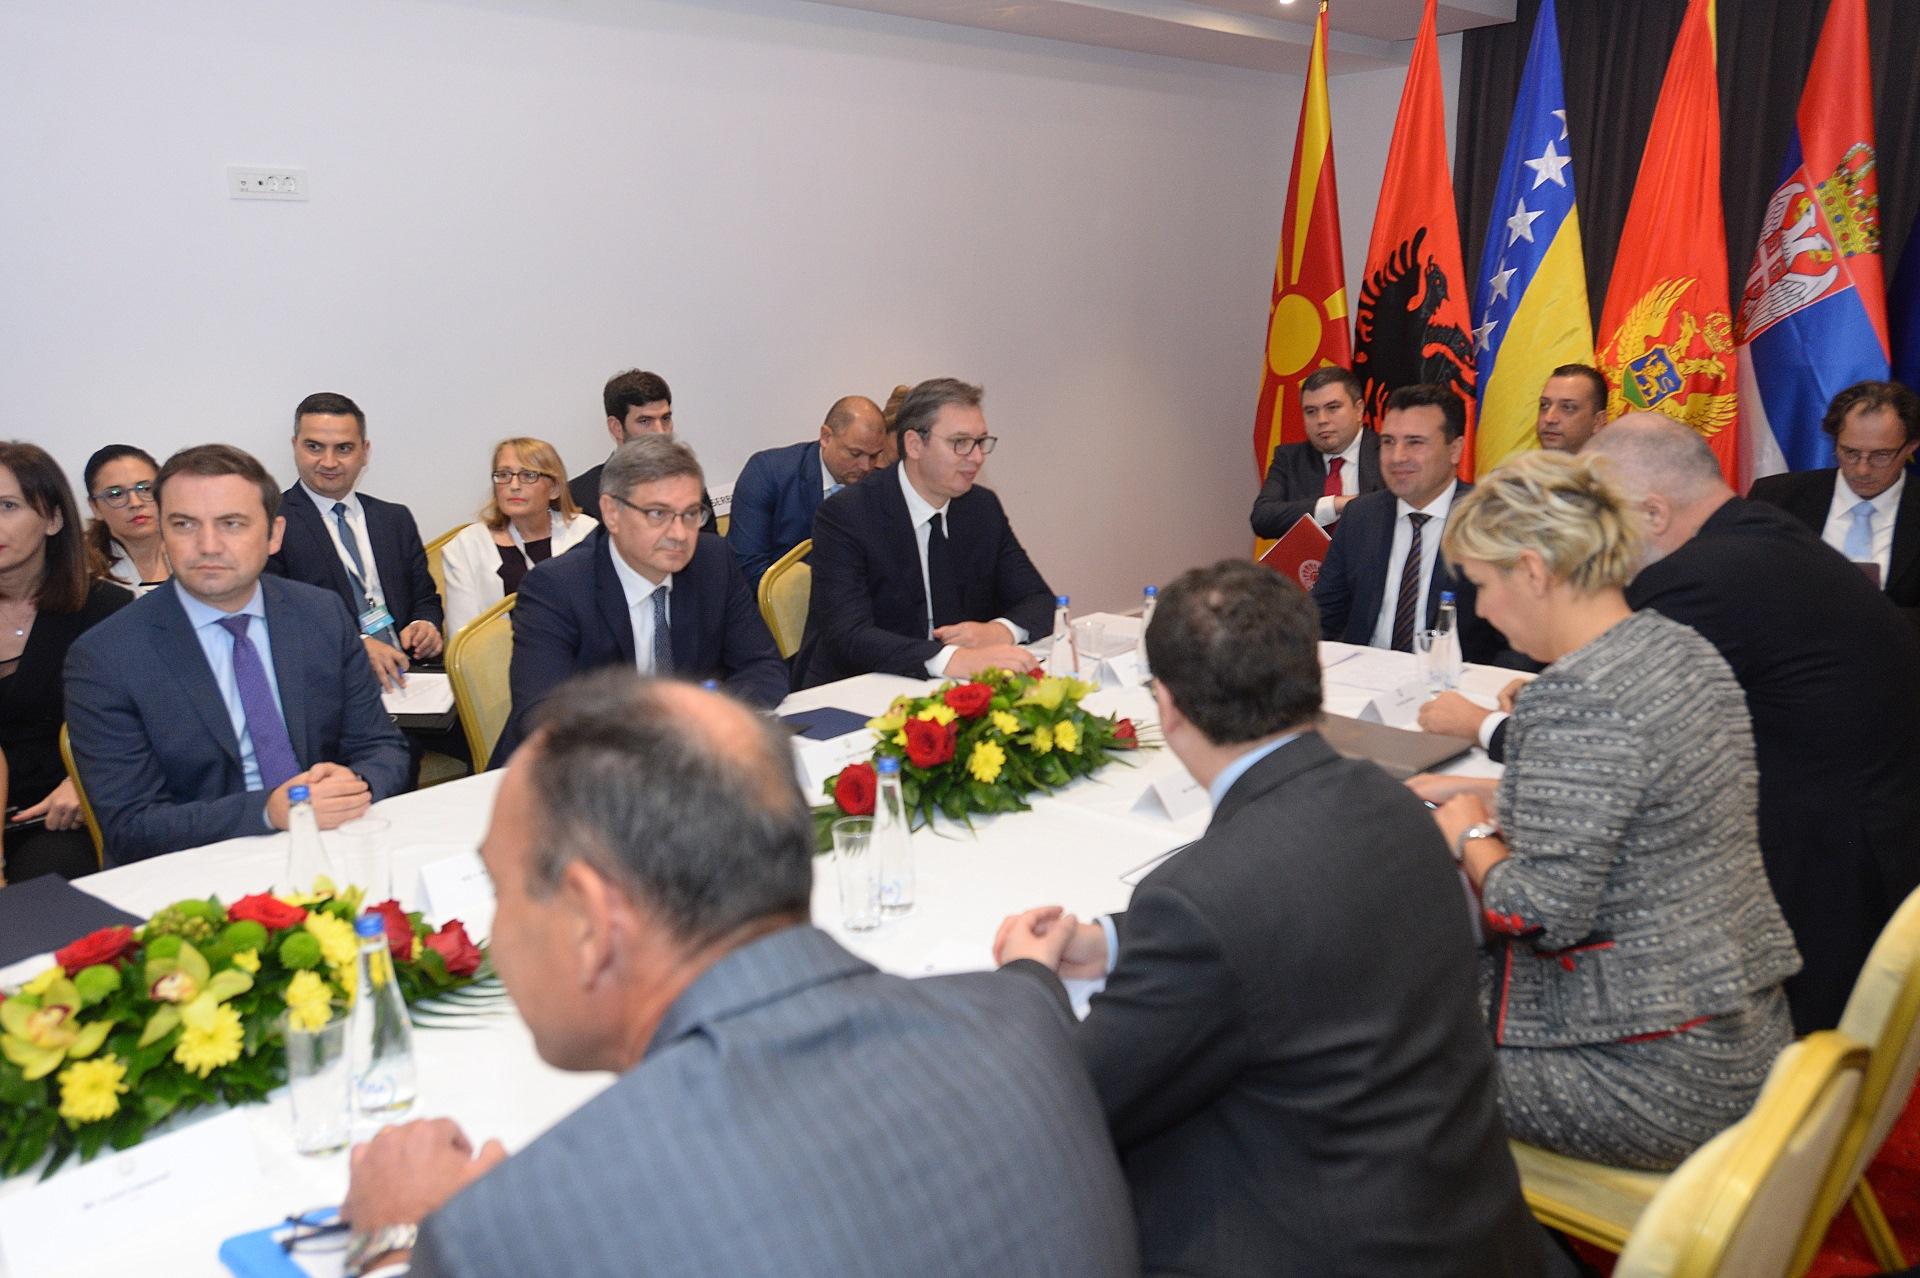 Predsednik Srbije Aleksandar Vucic nema ovde nikakve Jugoslavije, vec samo boljeg zivota